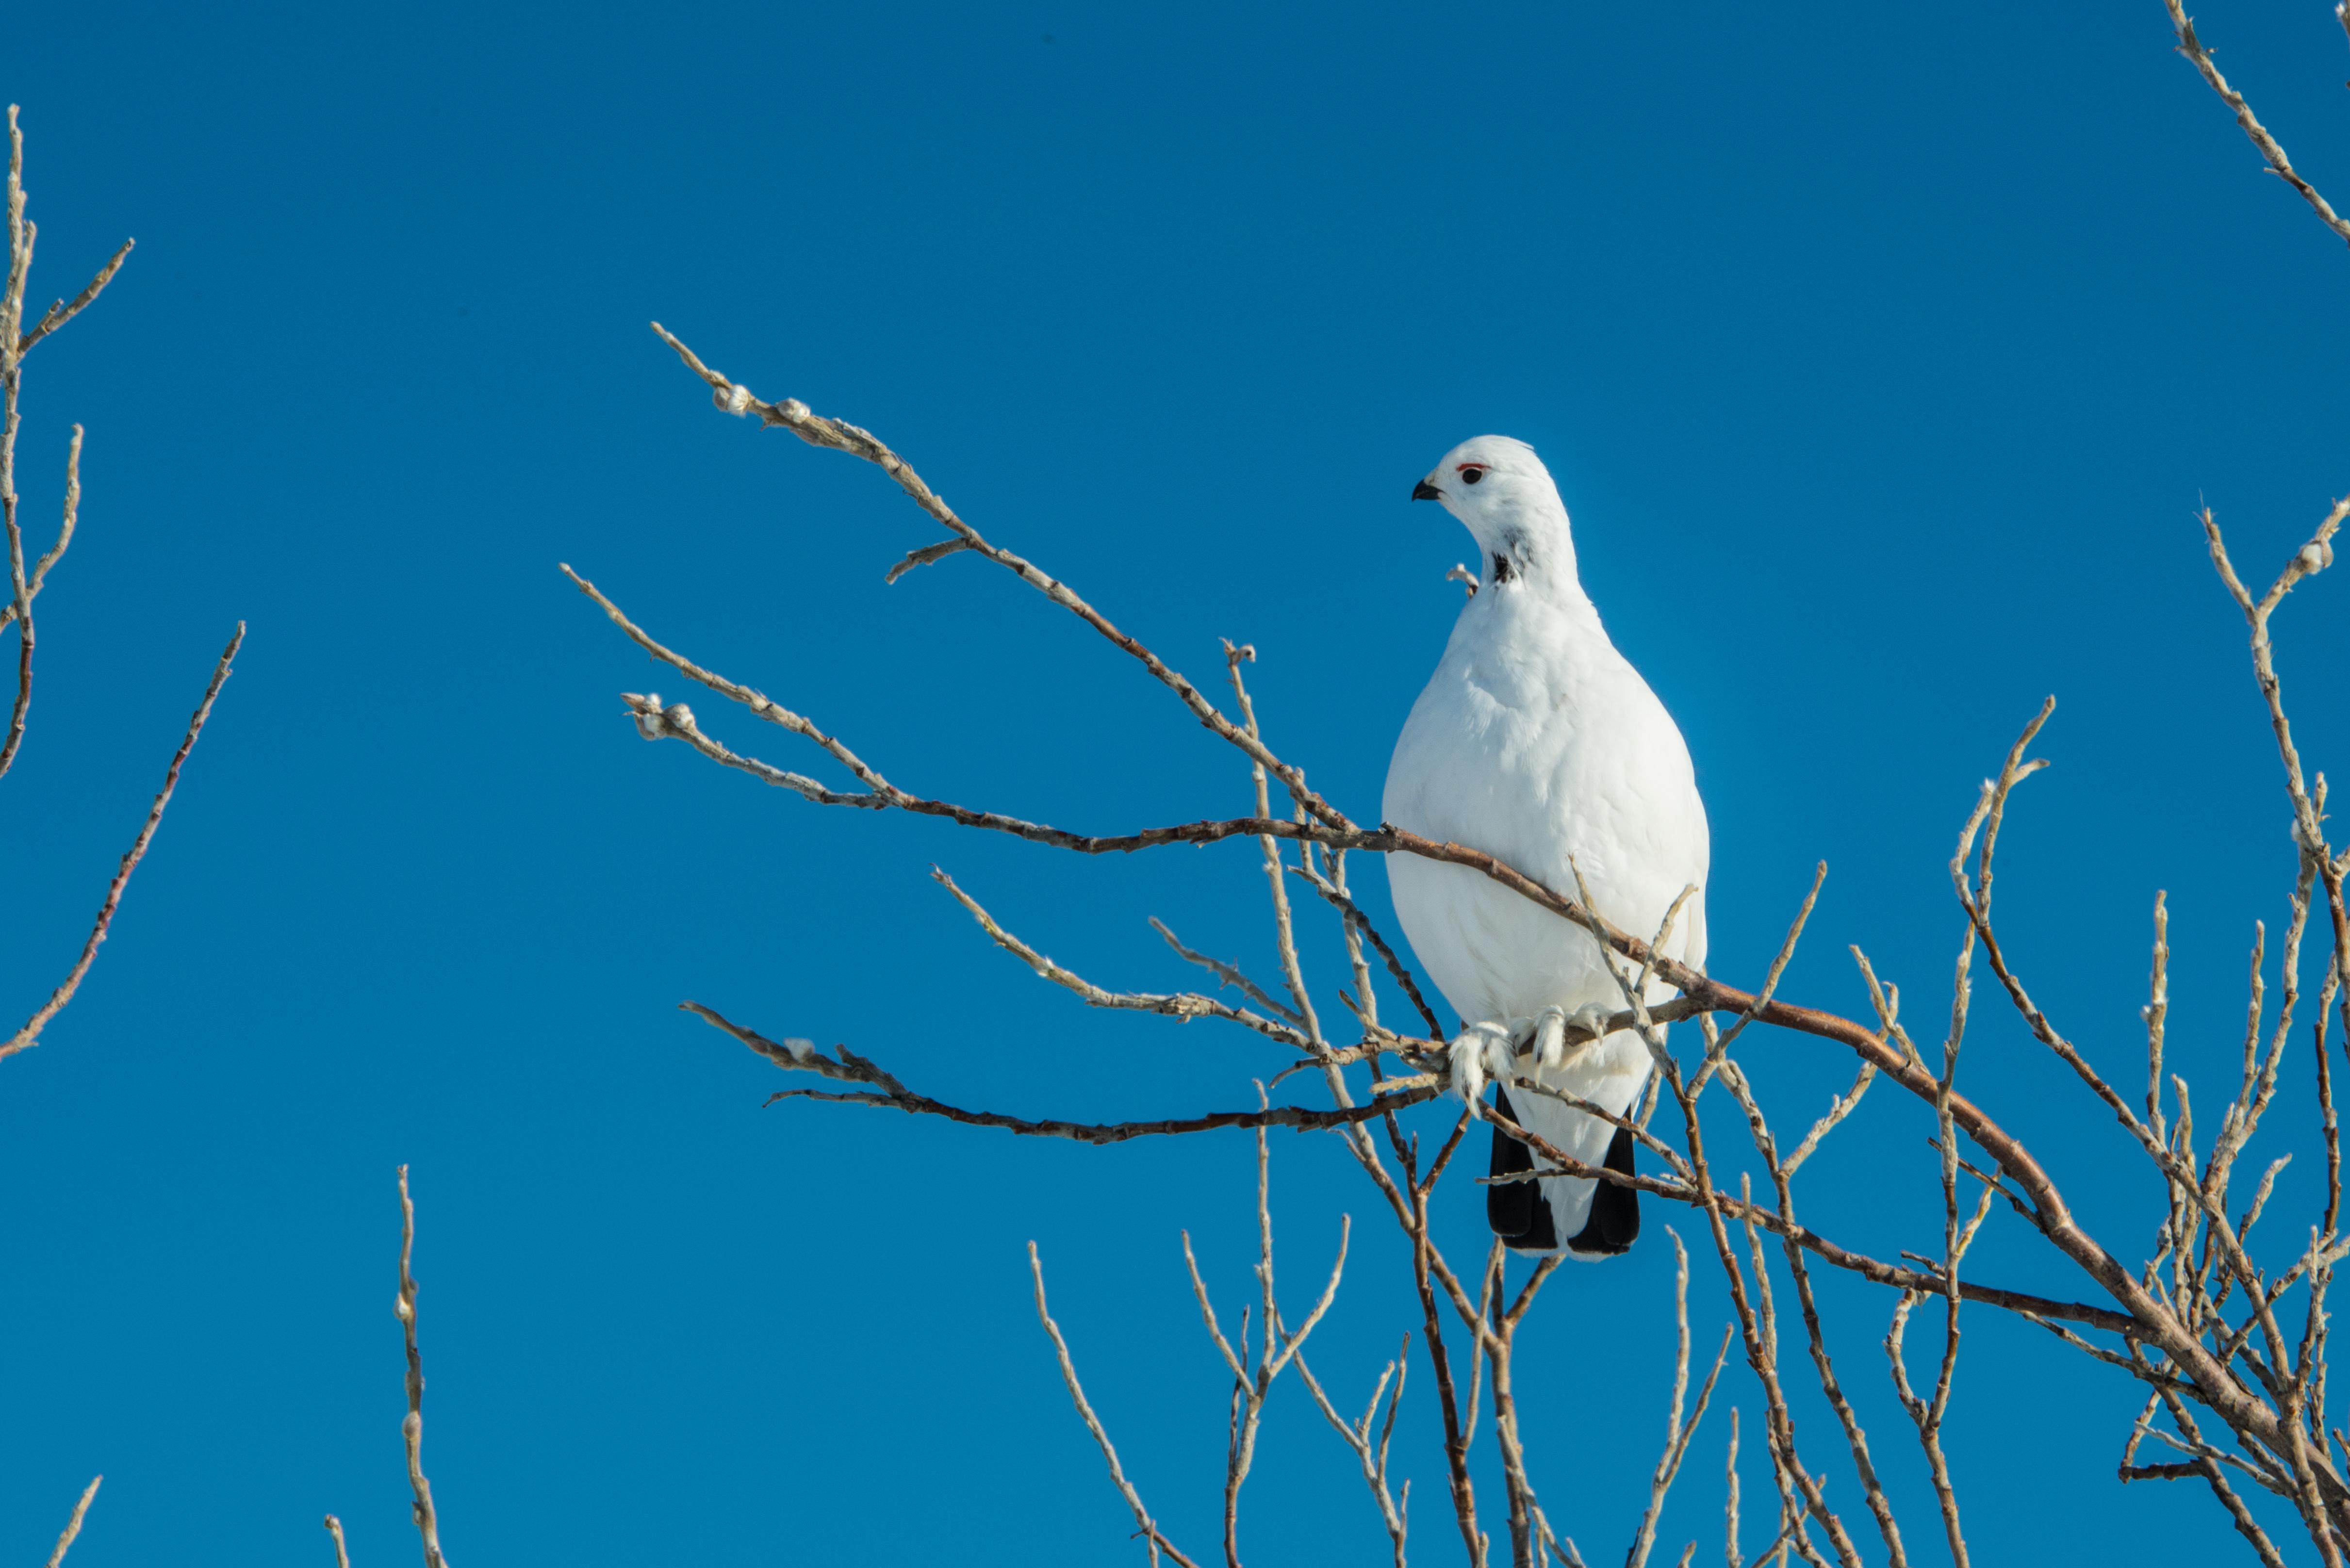 White bird perches in tree